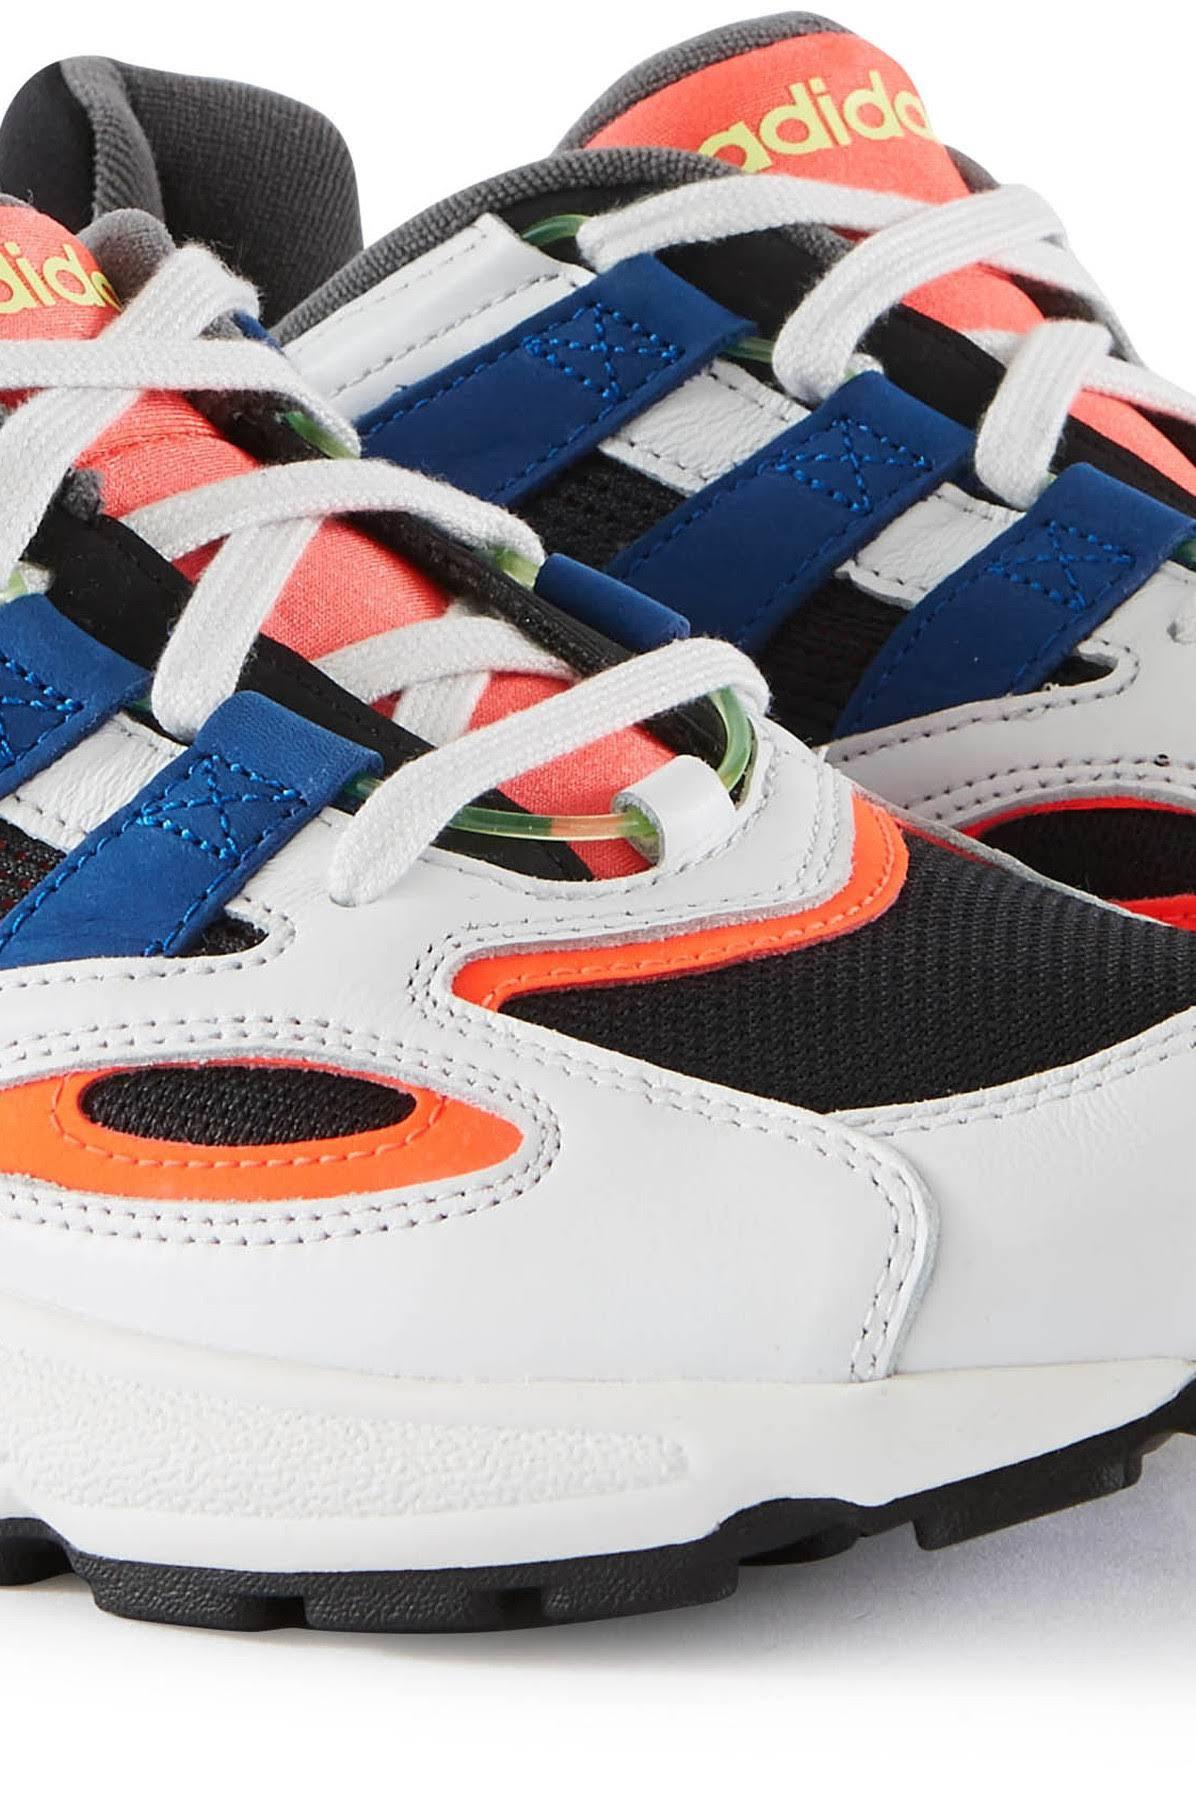 Adidas Originals LXCON 94, White